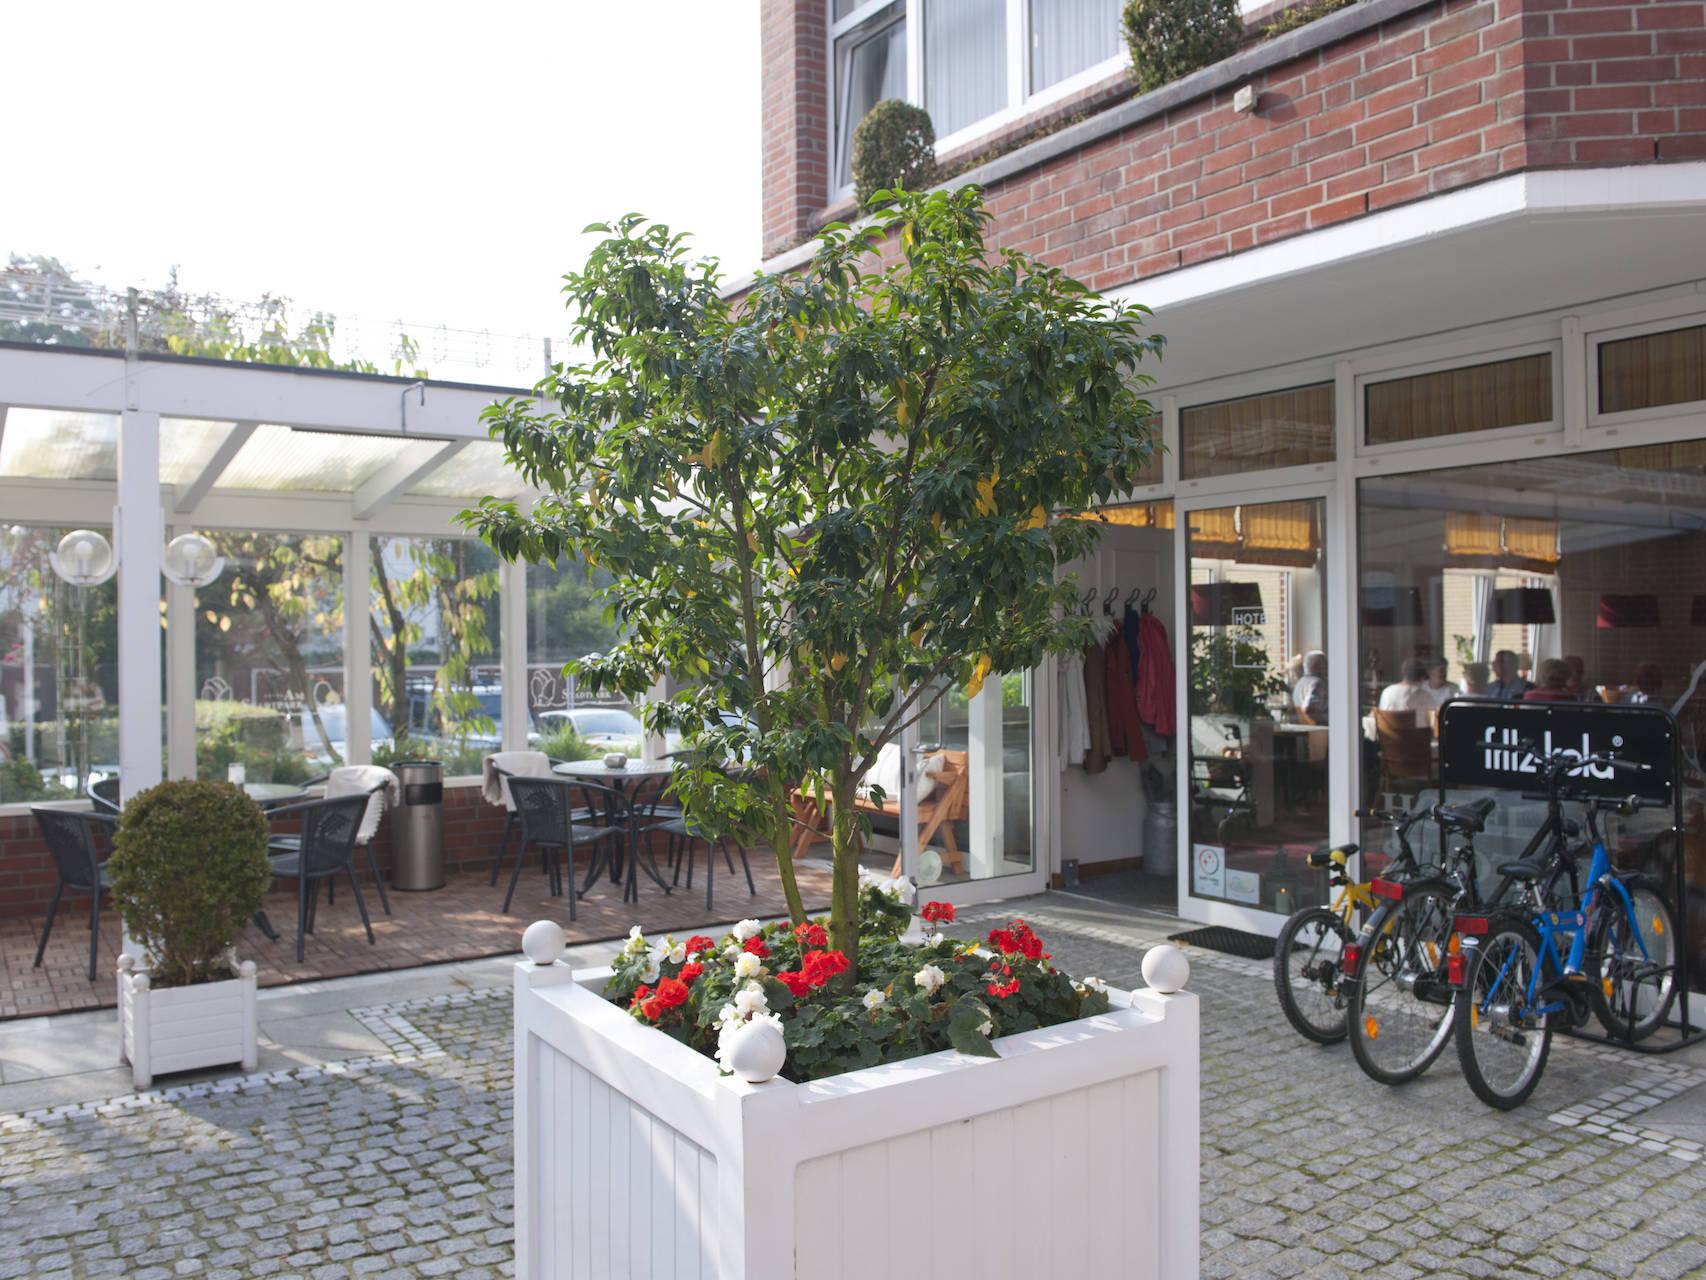 Aussenansicht Hotel am Stadtpark Buxtehude 4 uai